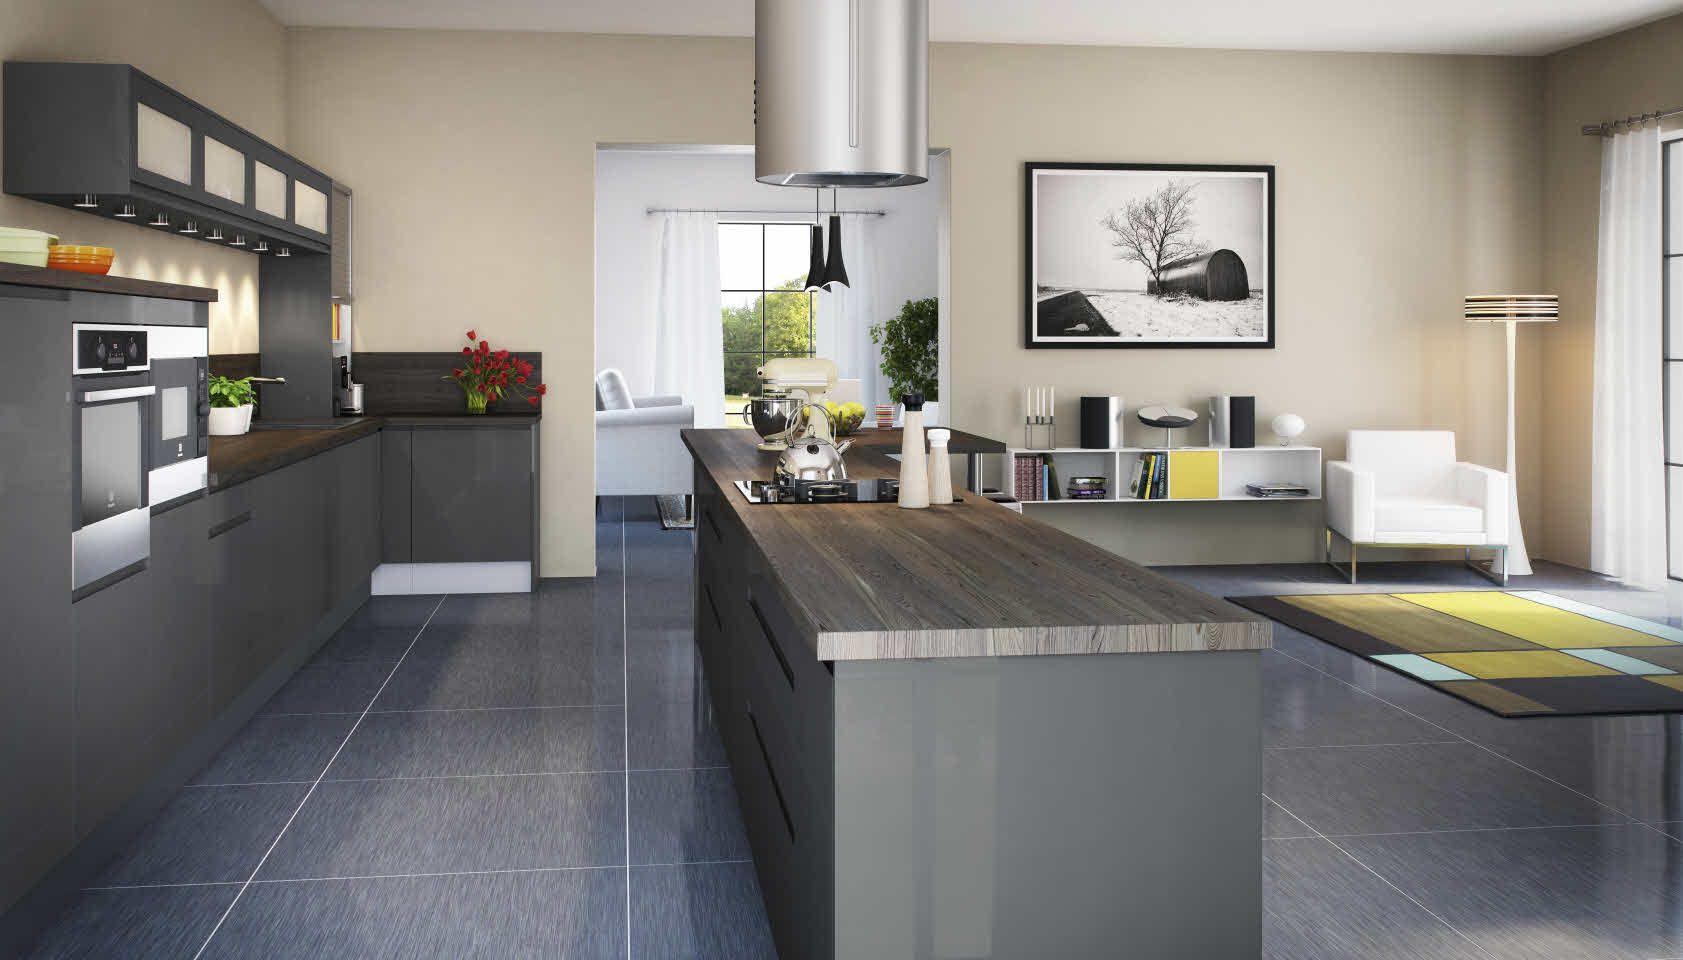 Idee interieur maison moderne design de maison interieur ...